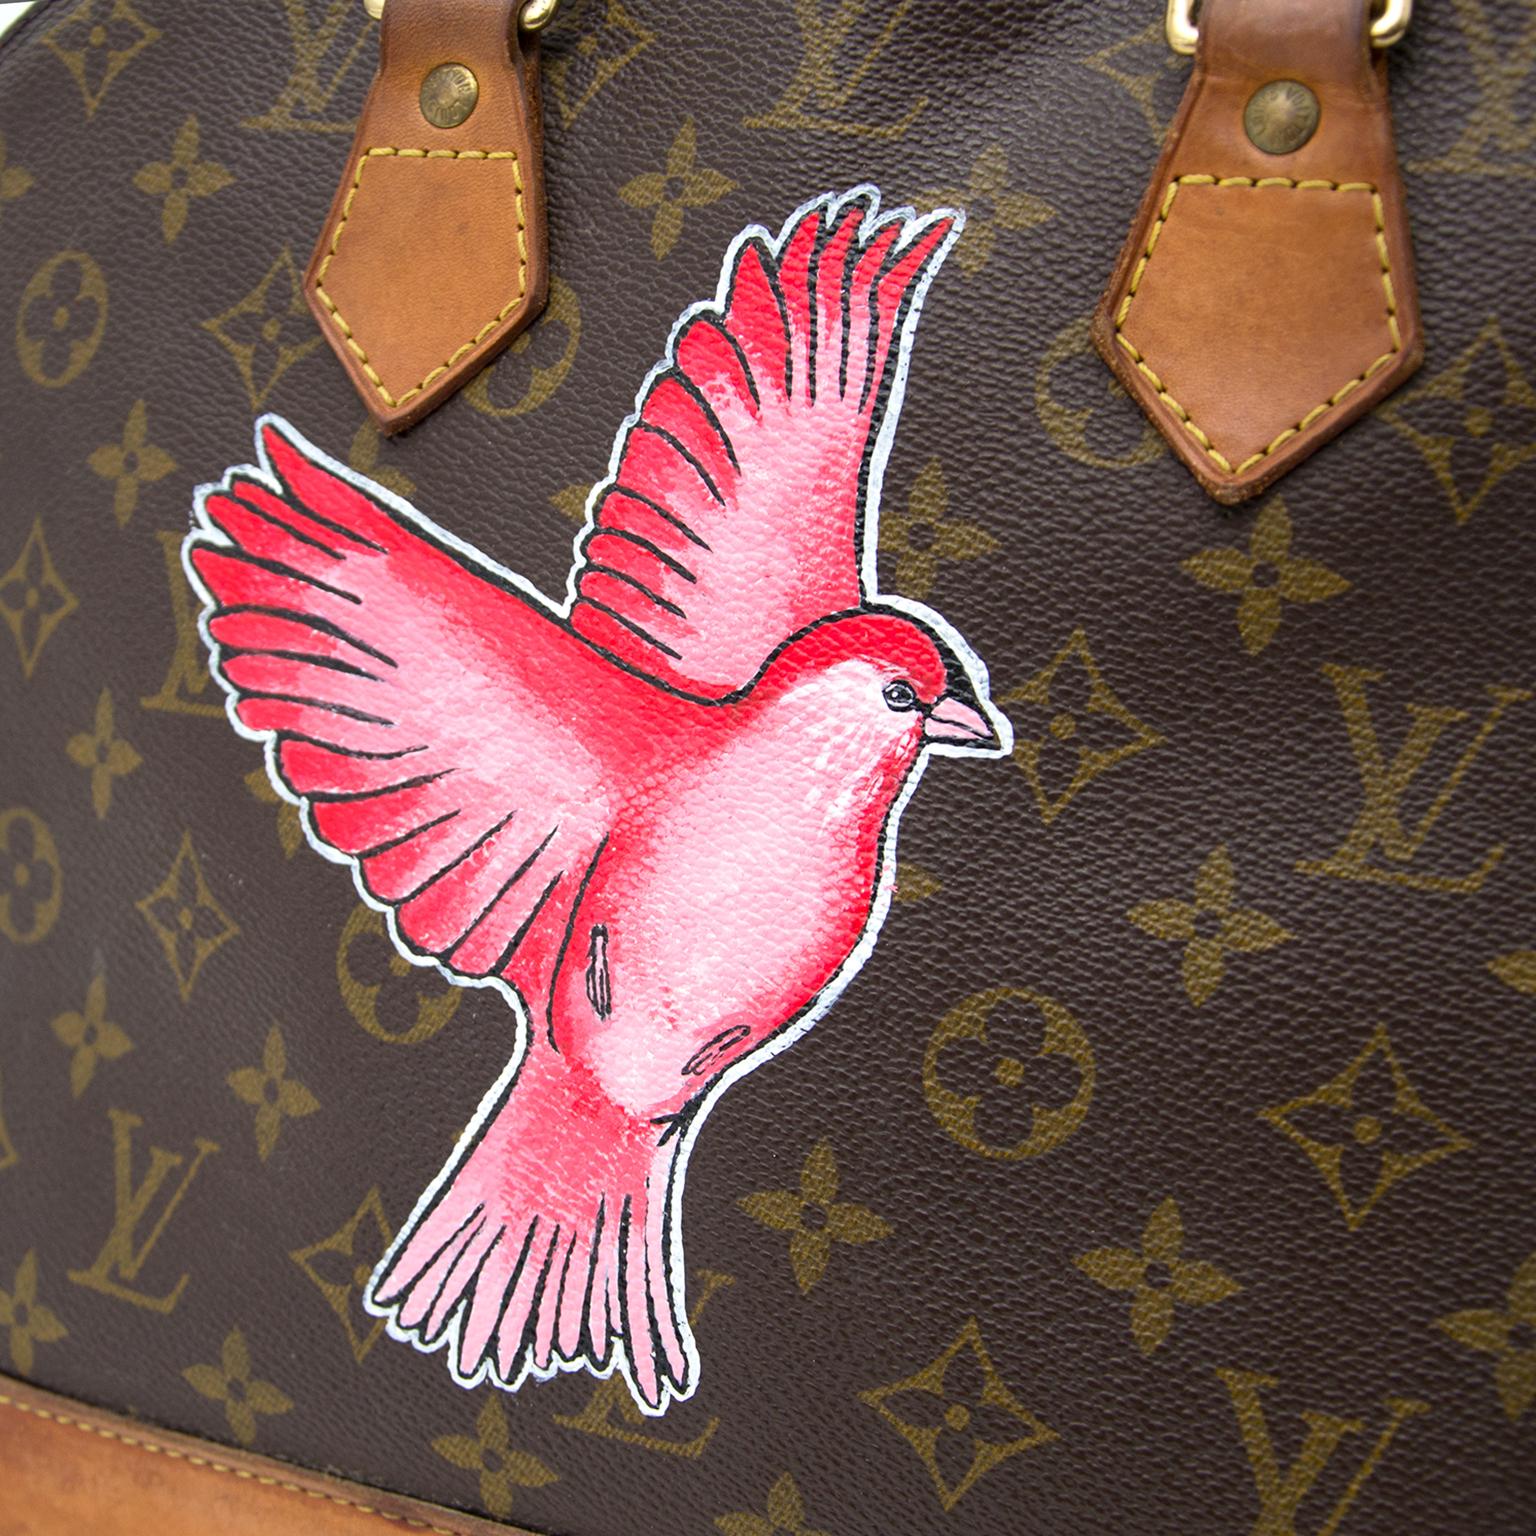 0e42c2526b06 ... the right price Koop een authentieke Louis Vuitton Hand Painted Bird  Alma aan de juiste prijs